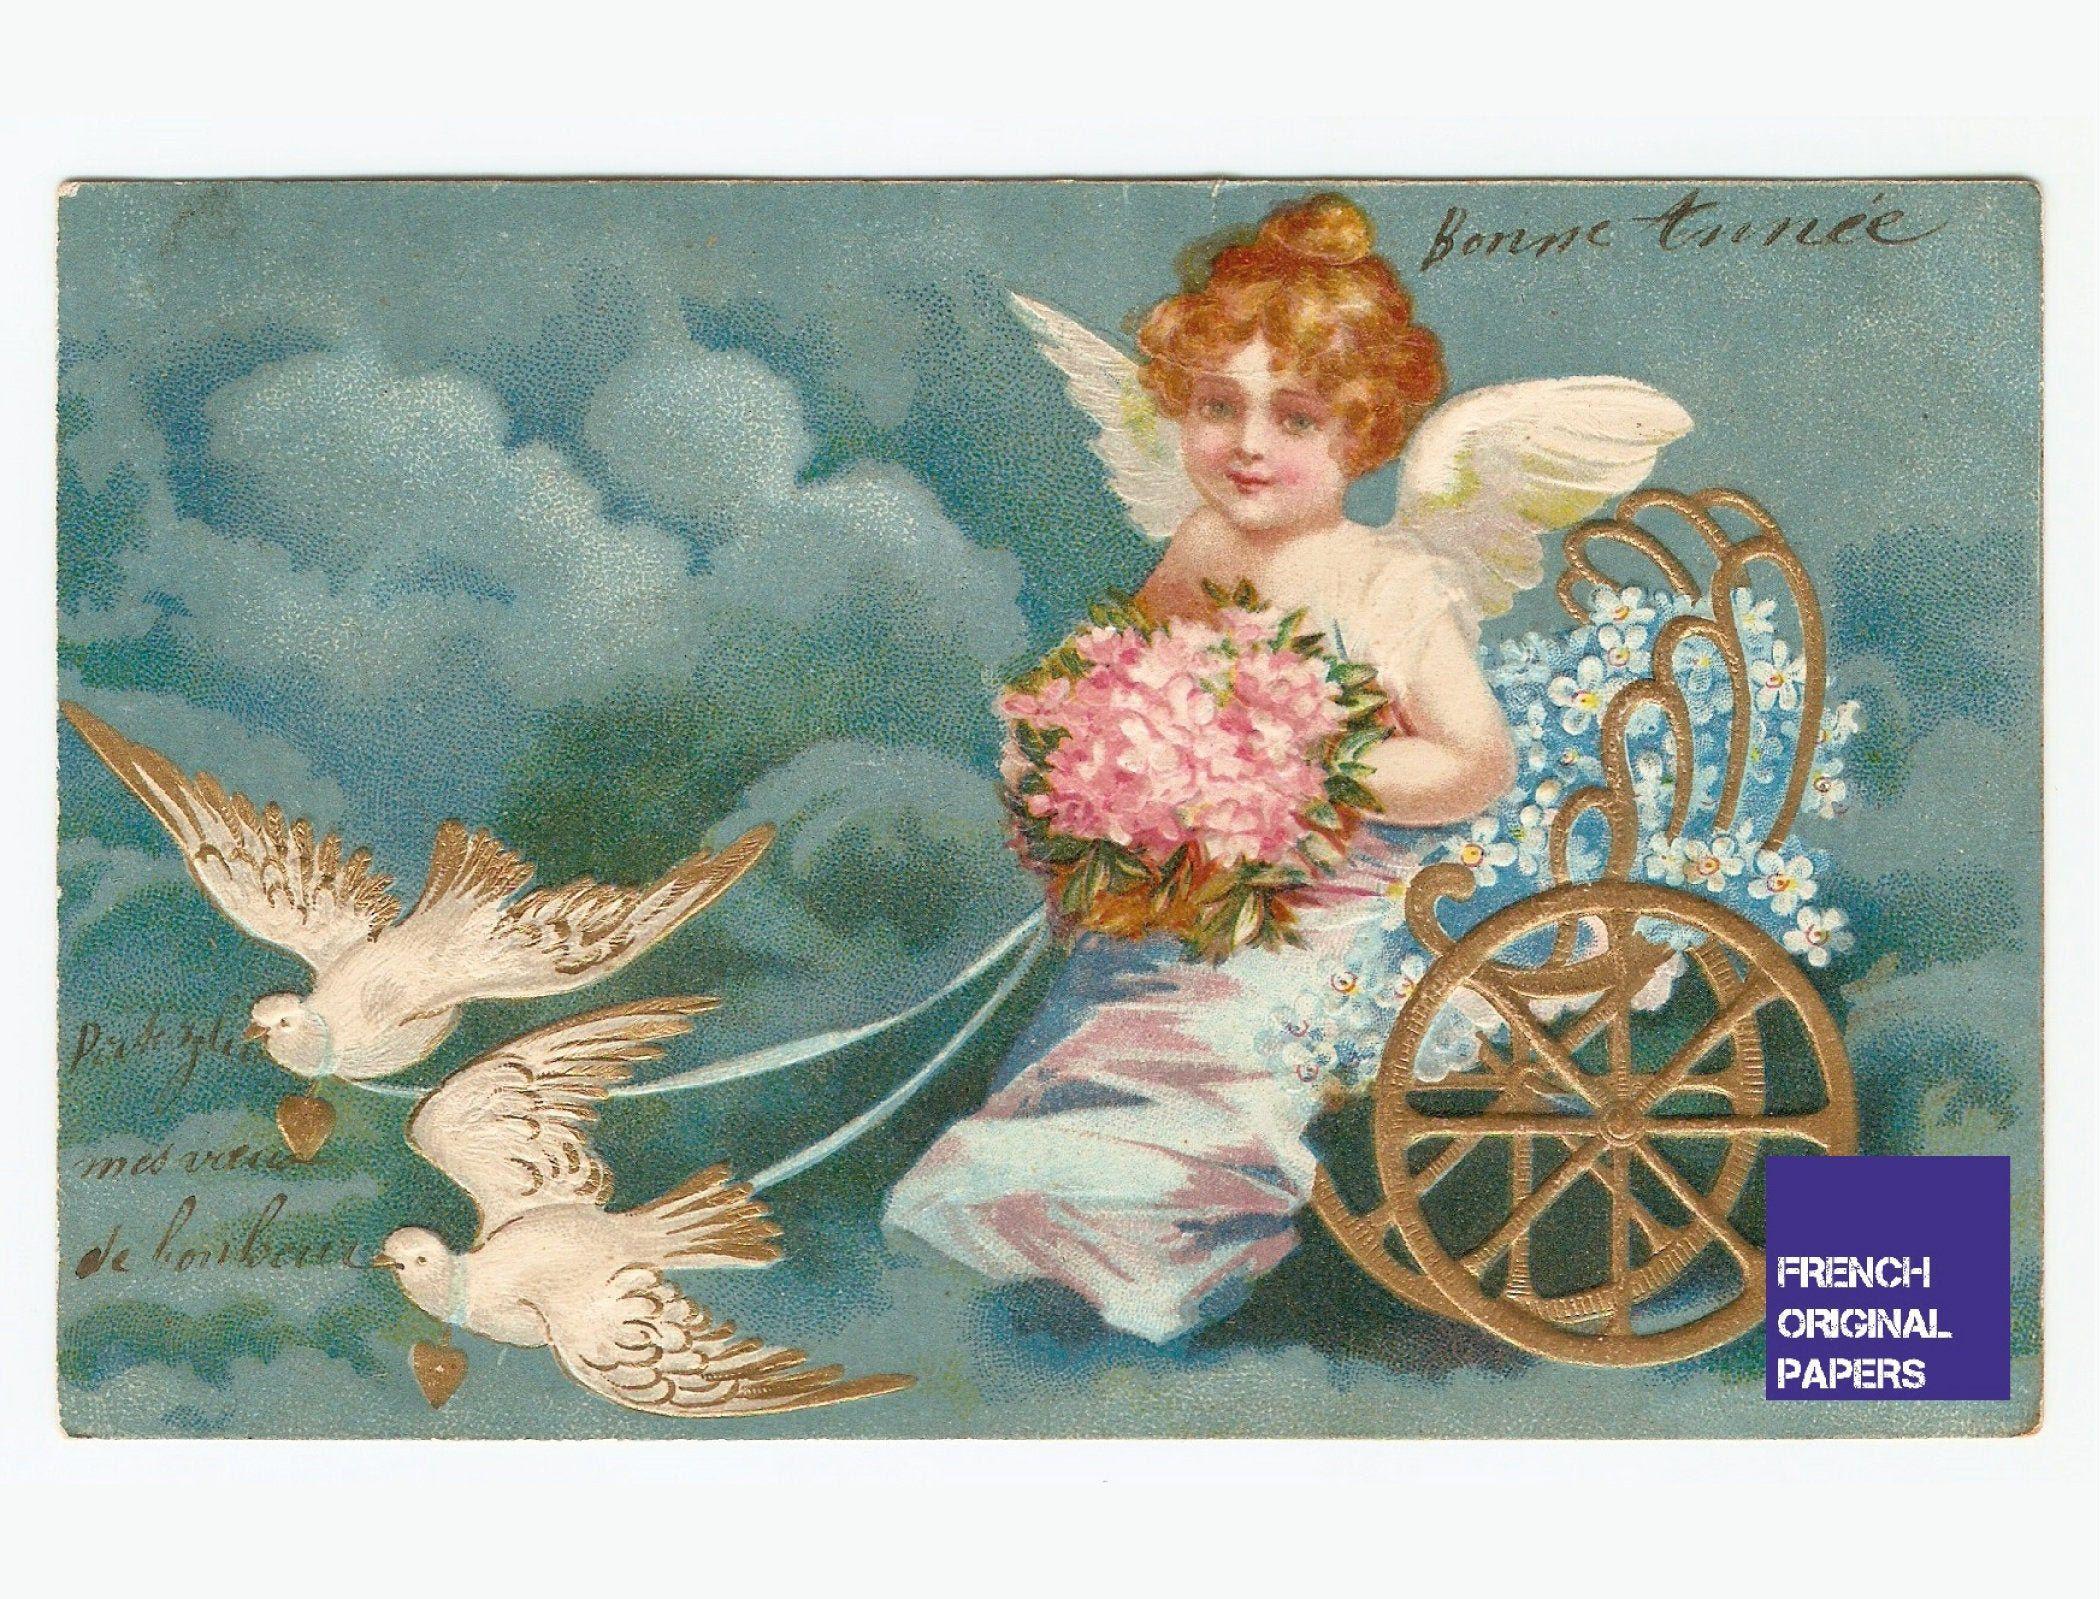 Voeux de bonne année carte postale ancienne illustrateur 1906 enfant ange angelot colombe coeur amour attelage ephemera vintage